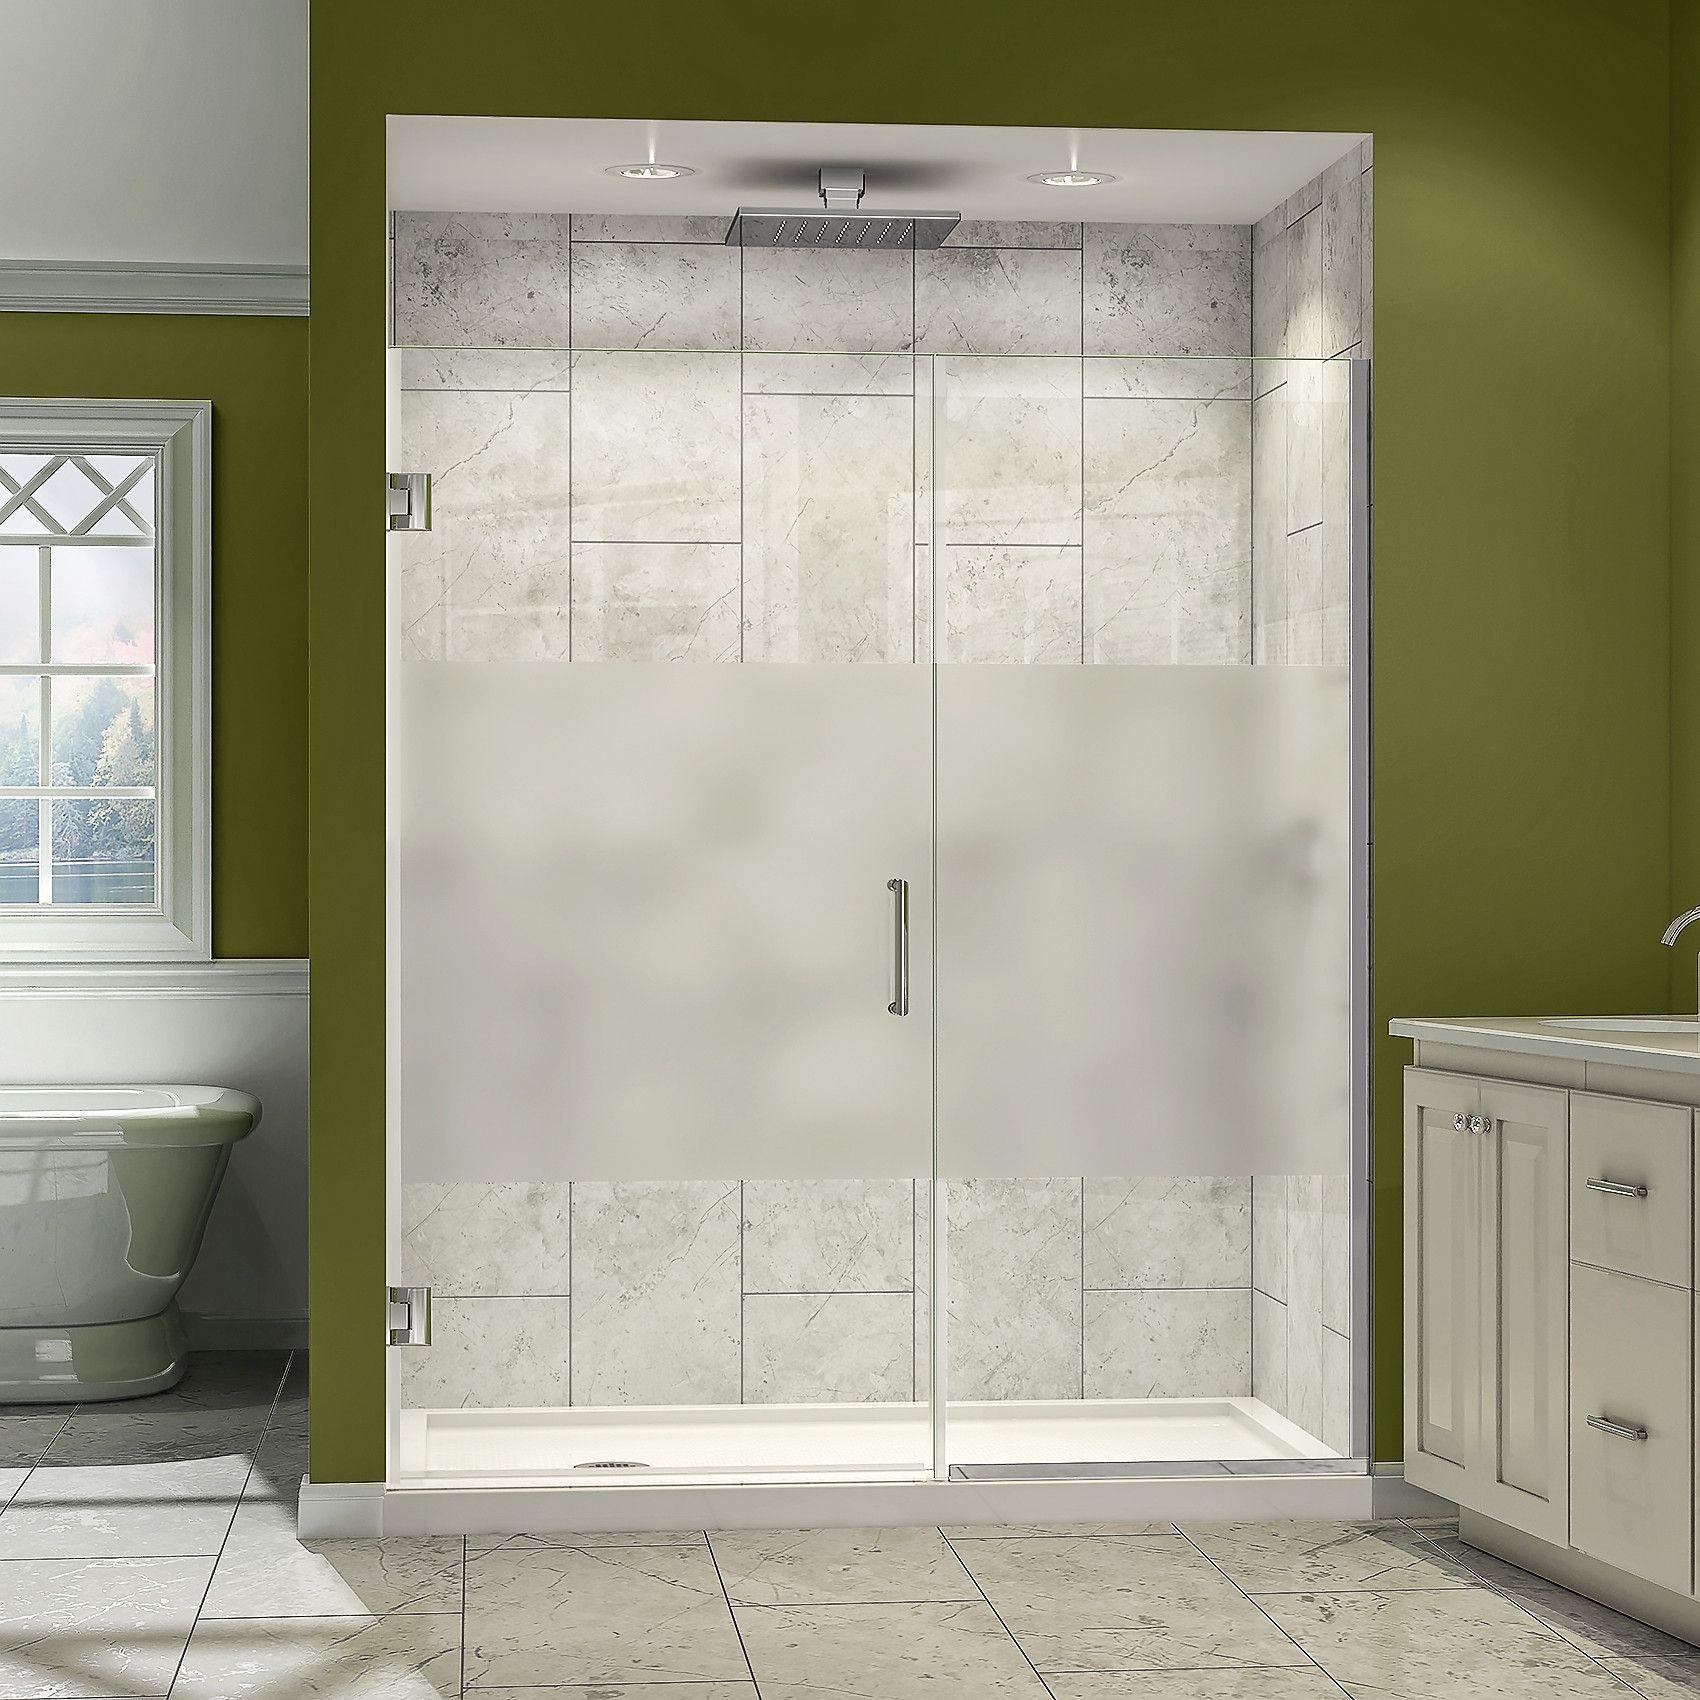 Dreamline Shdr 245907210 Hfr 01 Unidoor Plus 59 To 59 1 2 In W X 72 In H Shower Door Half F Shower Doors Frameless Hinged Shower Door Frameless Shower Doors